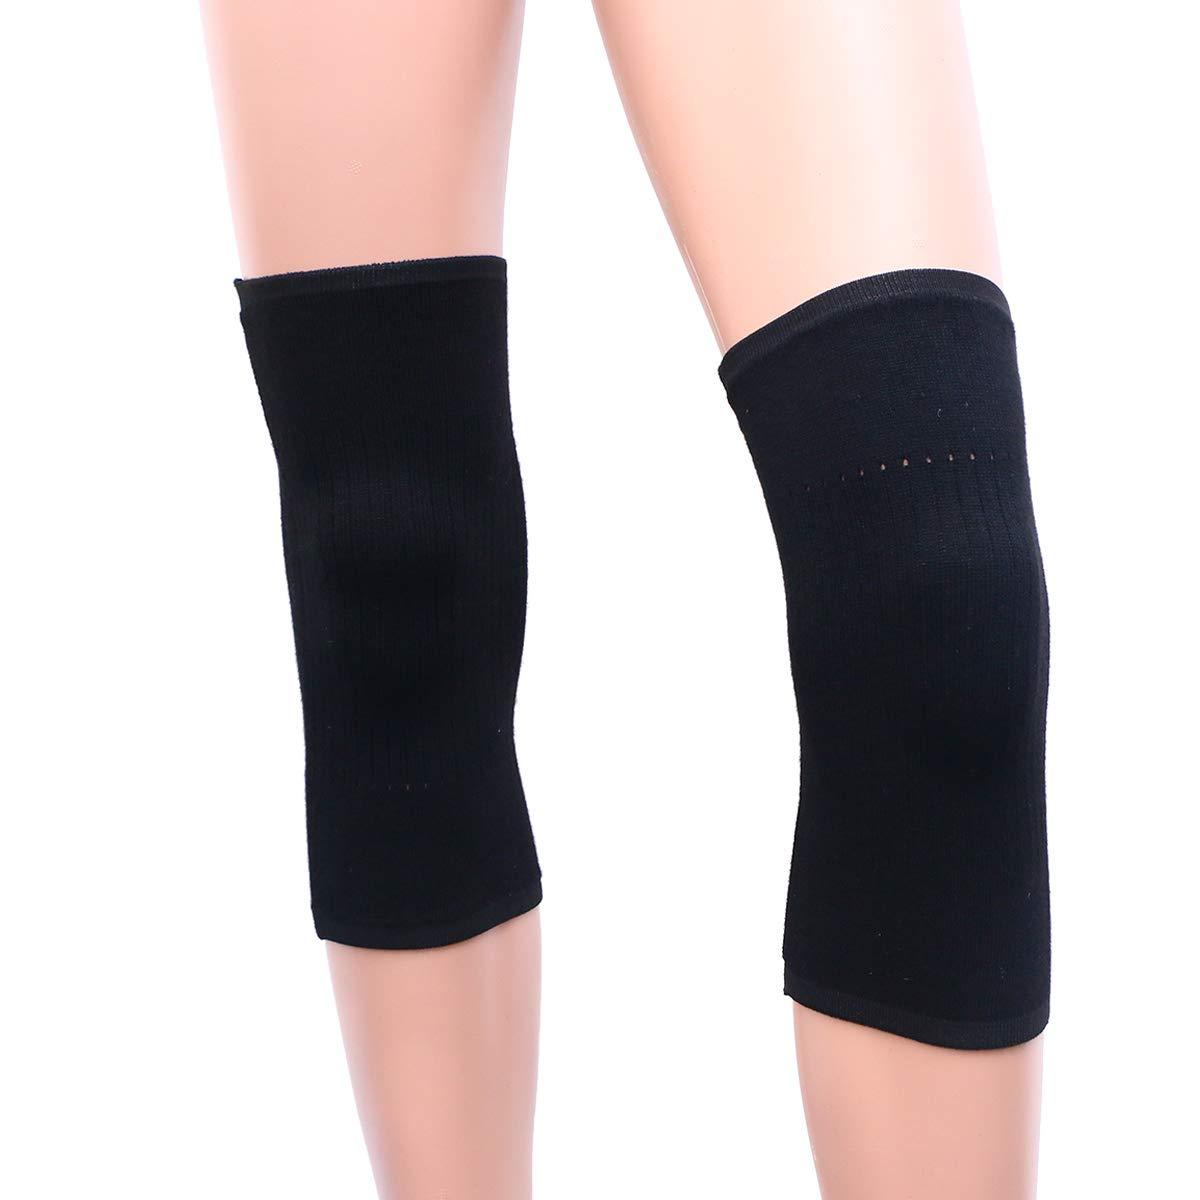 Healifty 2pcs Lana Rodillas Soporte Protector de Rodillera Mantener Caliente En invierno para dolor de rodillas Artritis Correr Trotar(Negro M)